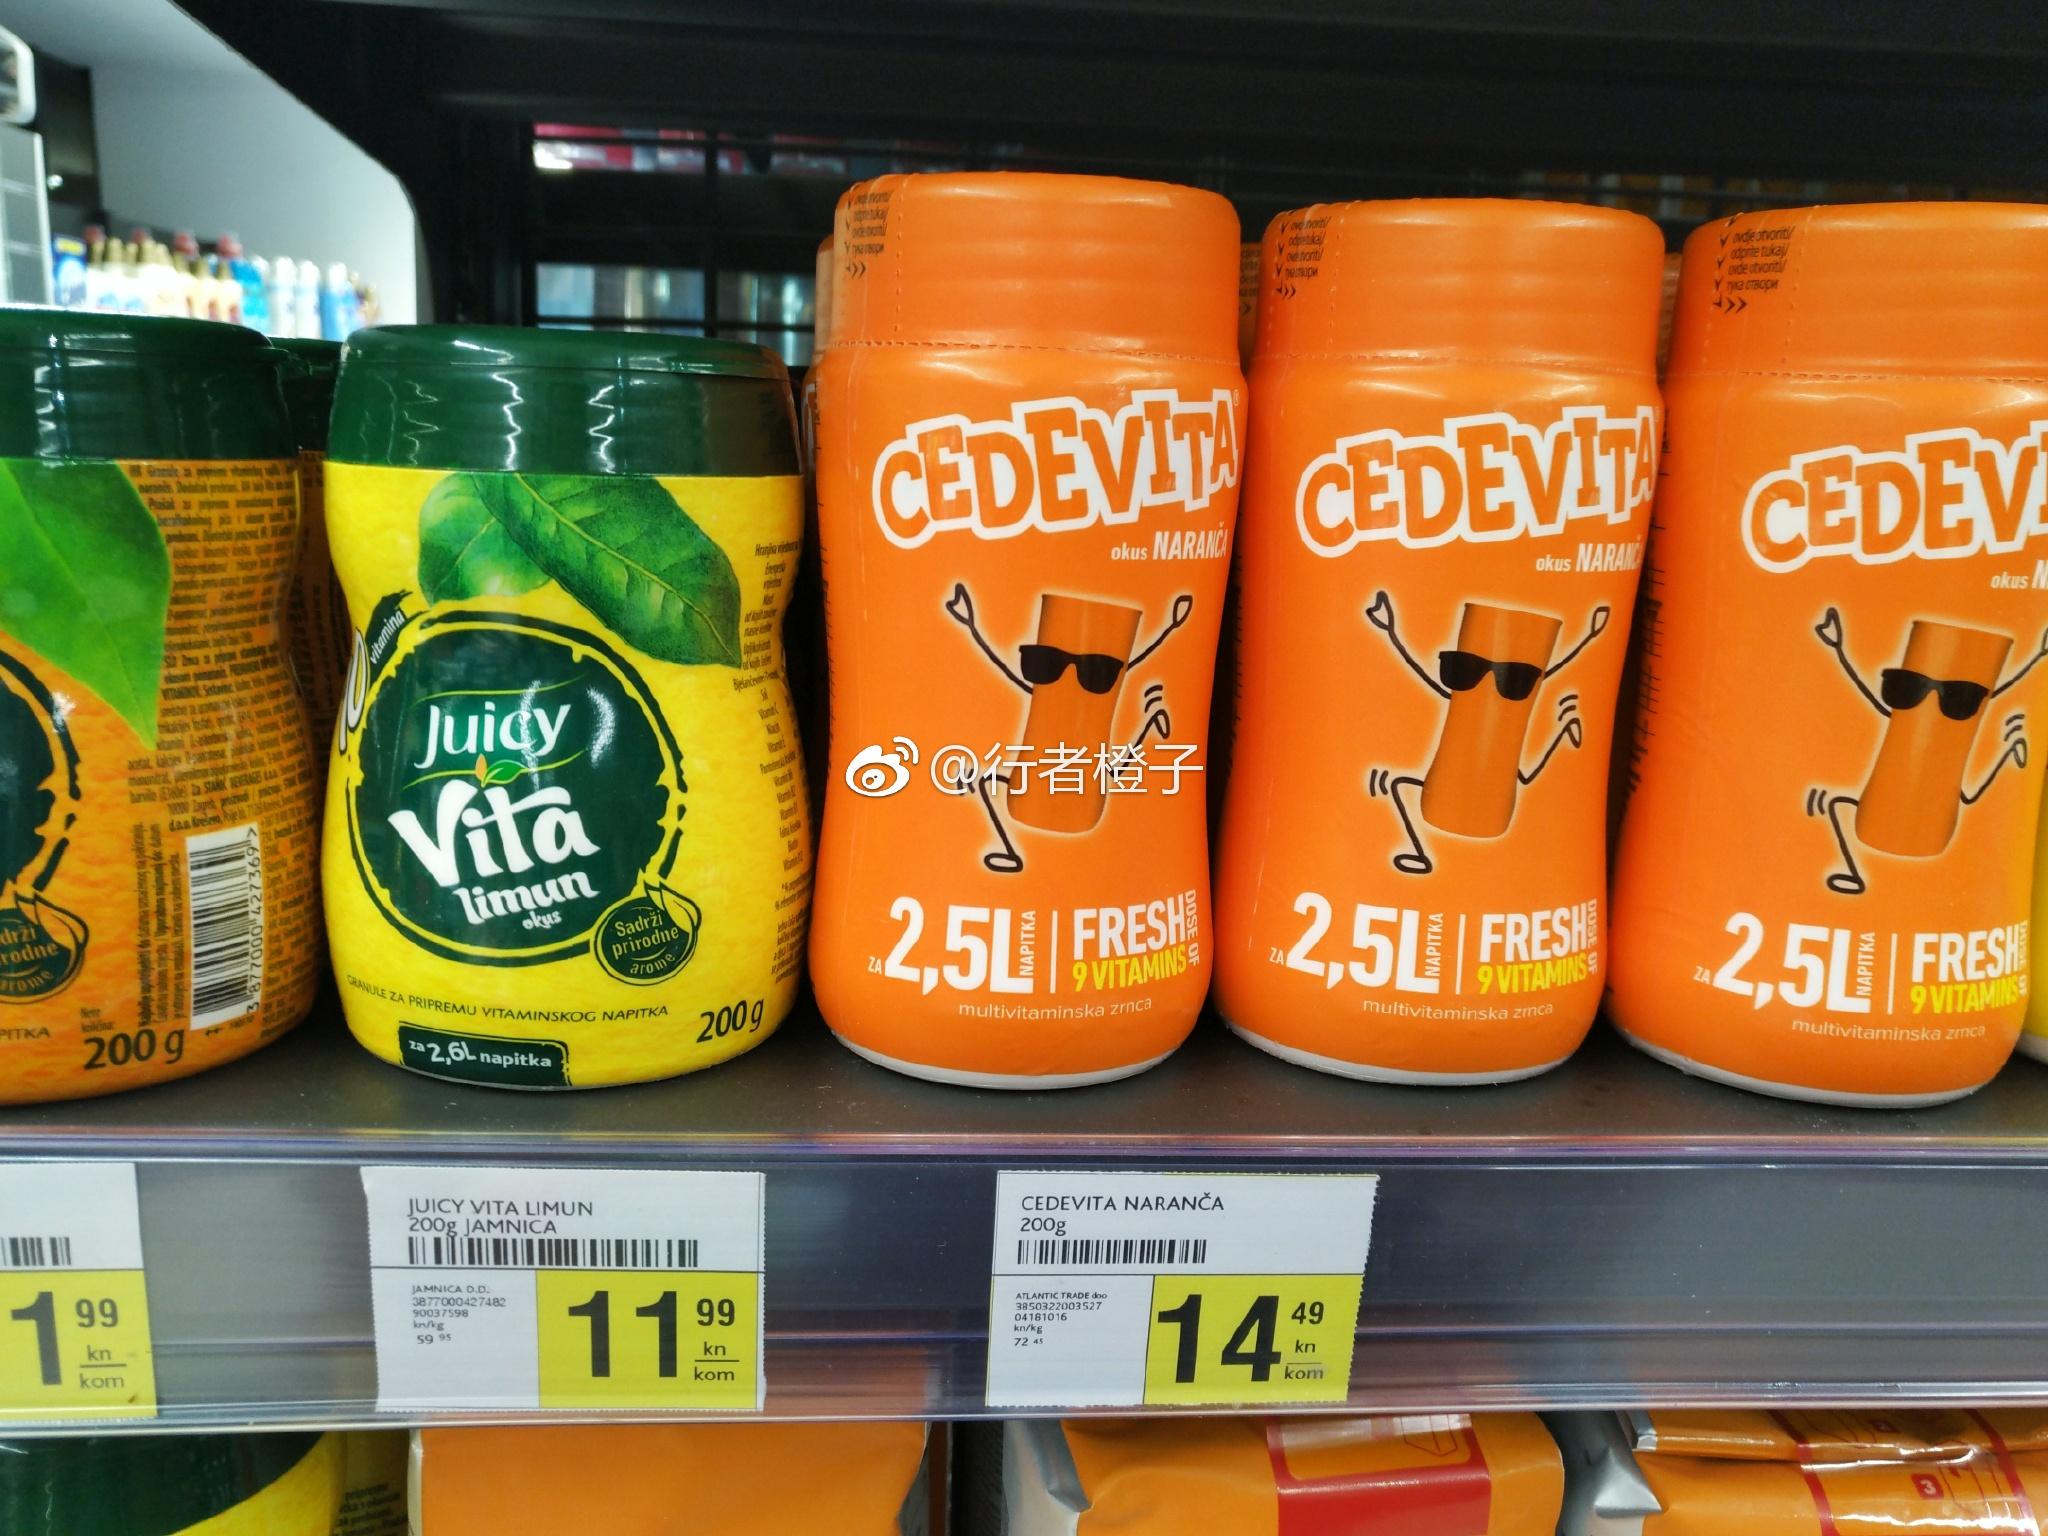 克罗地亚斯普利特超市物价,1克罗地亚库纳约等